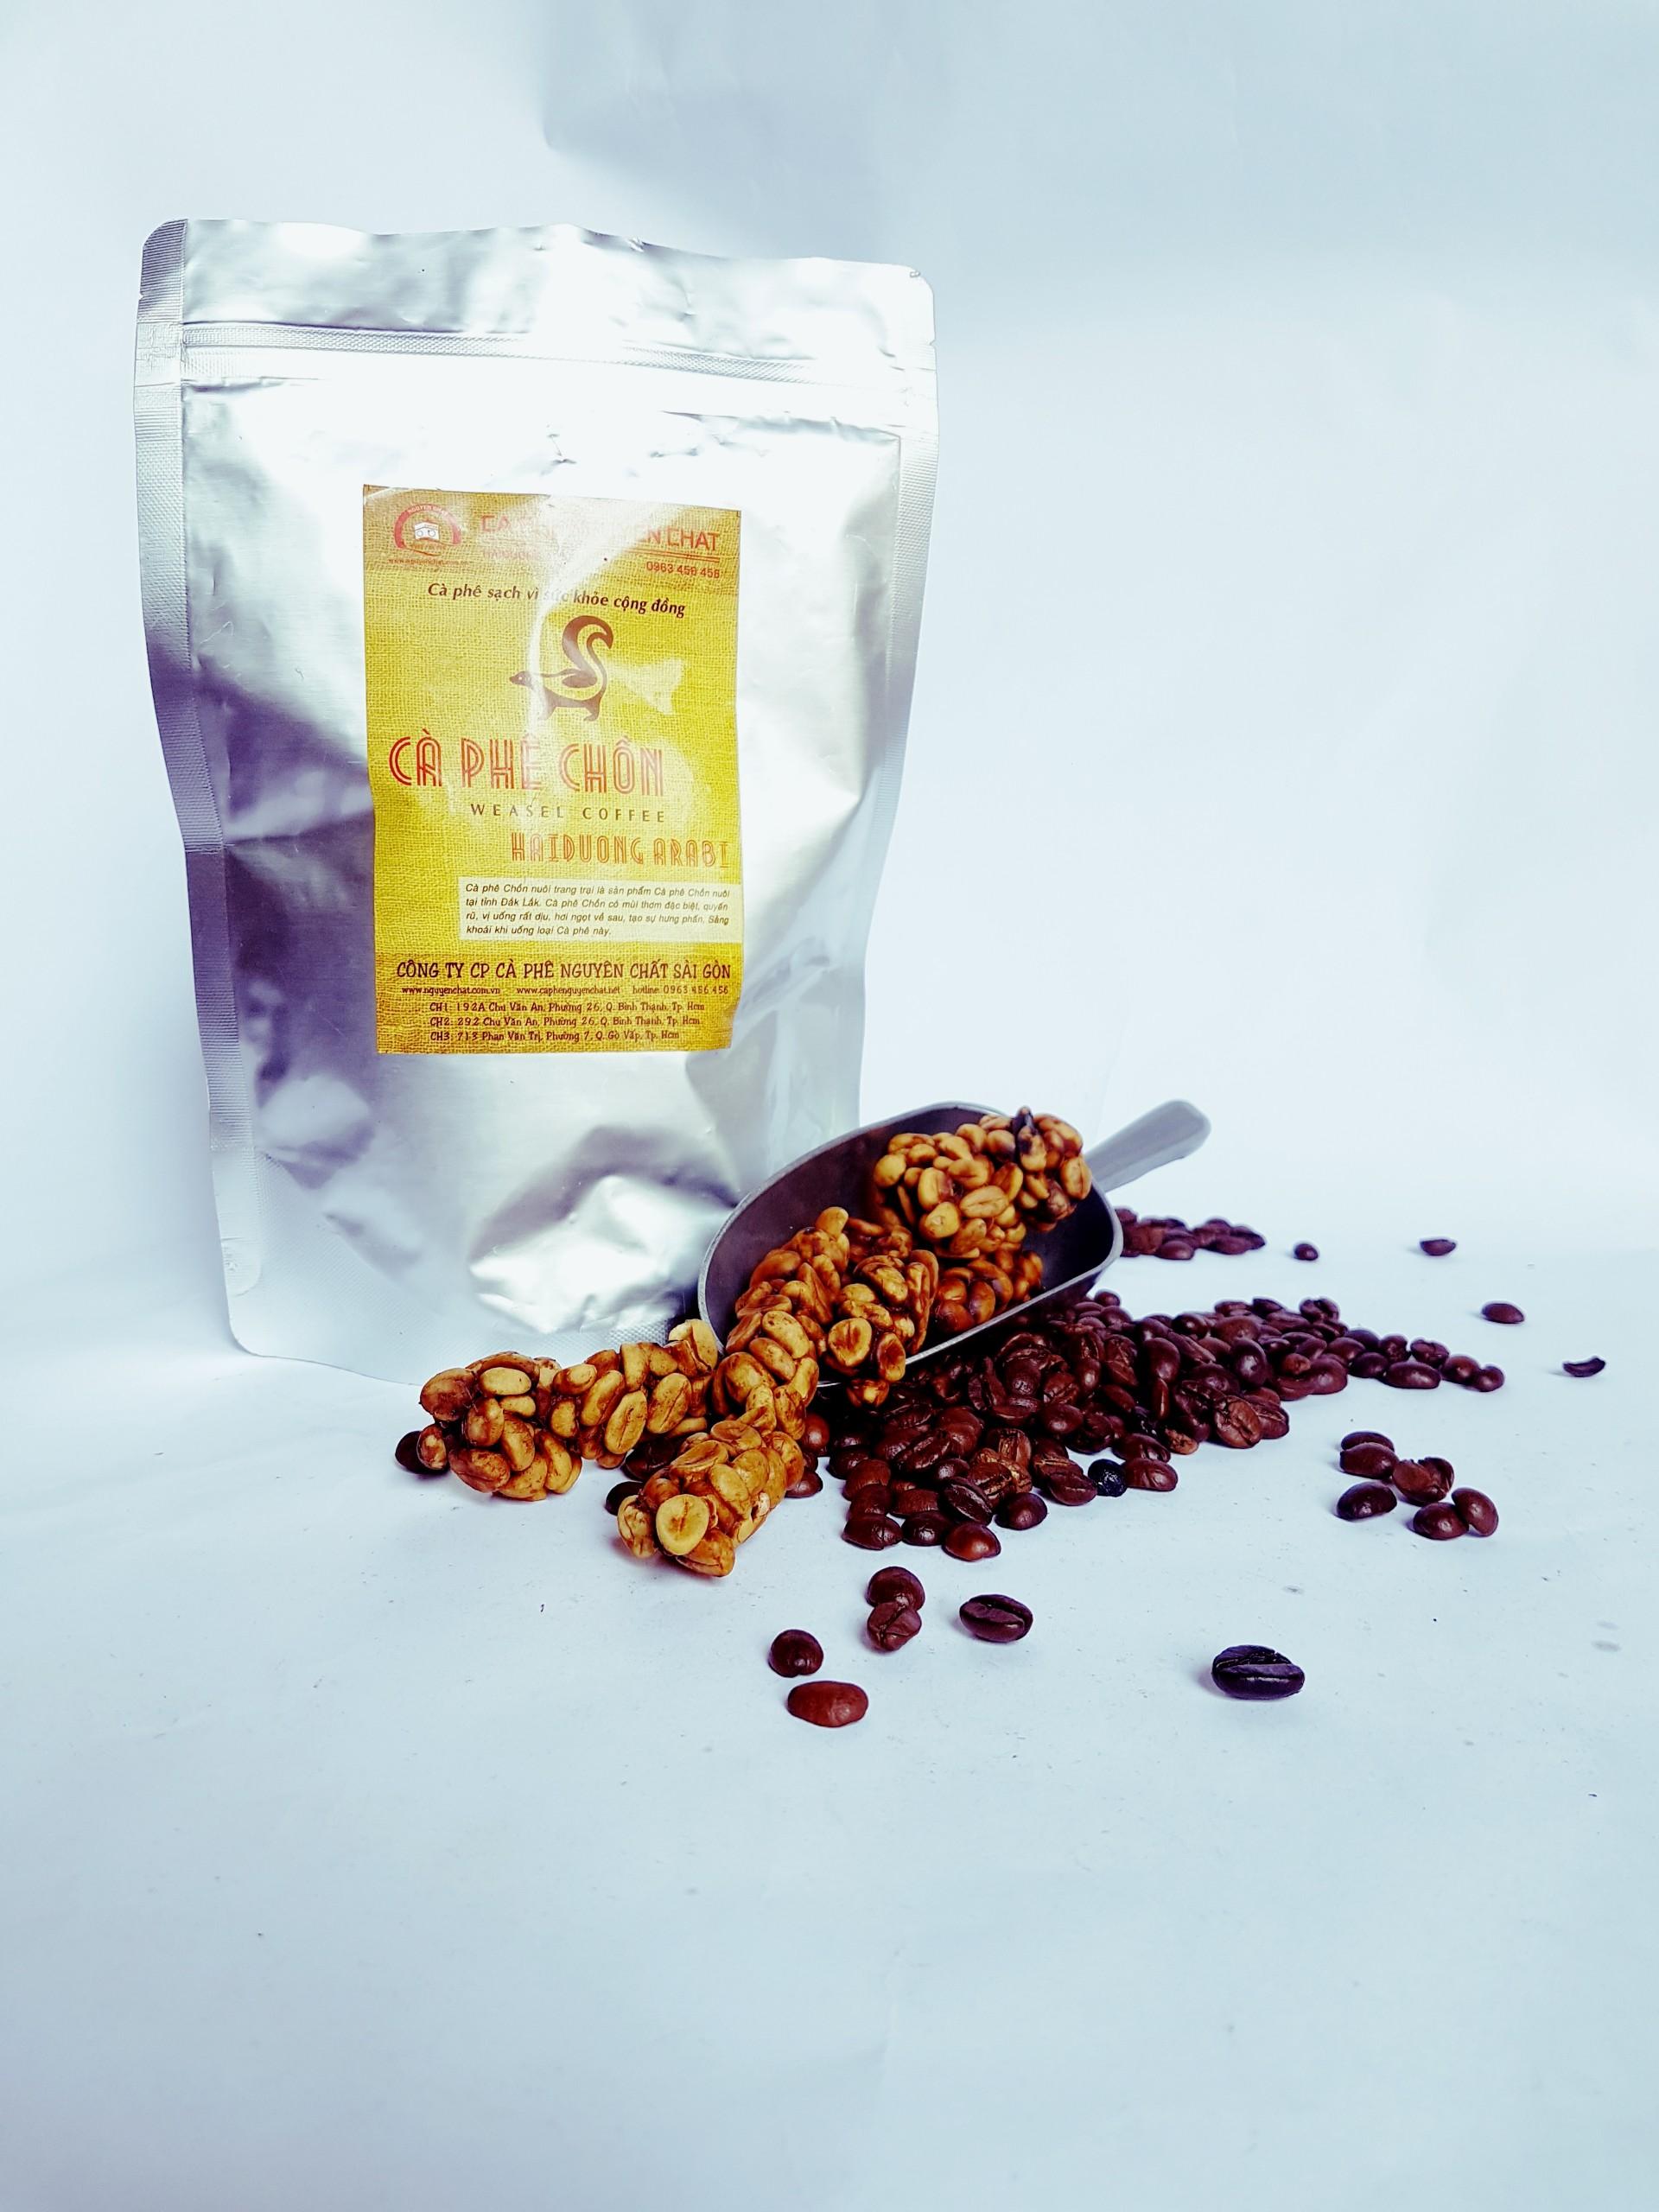 Khi cho chồn ăn, phải lựa chọn những trái cà phê chín đỏ mọng, thơm ngon nhất